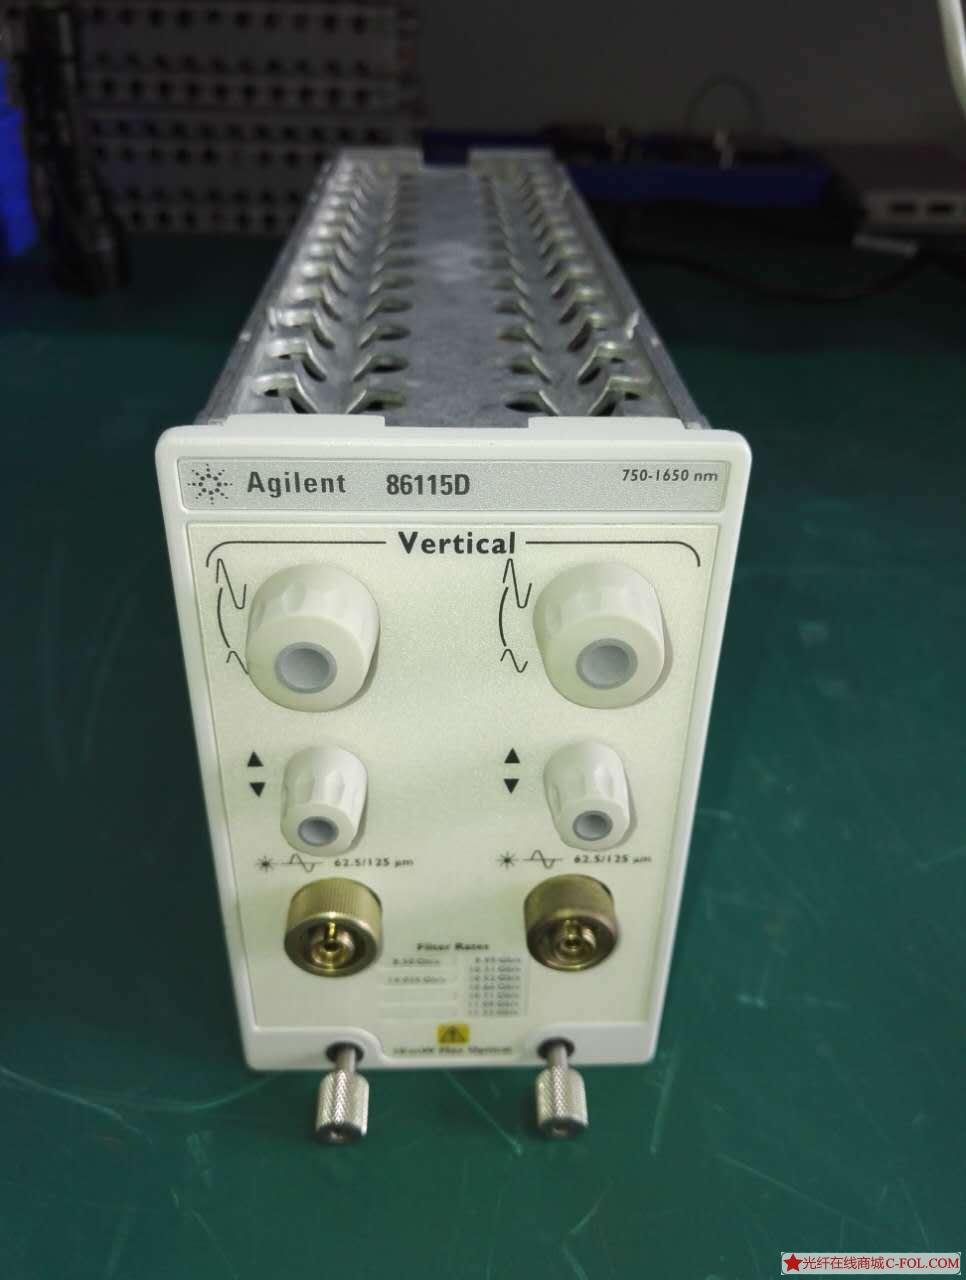 安捷伦 86115D 大规模/并行光收发信机测试模块